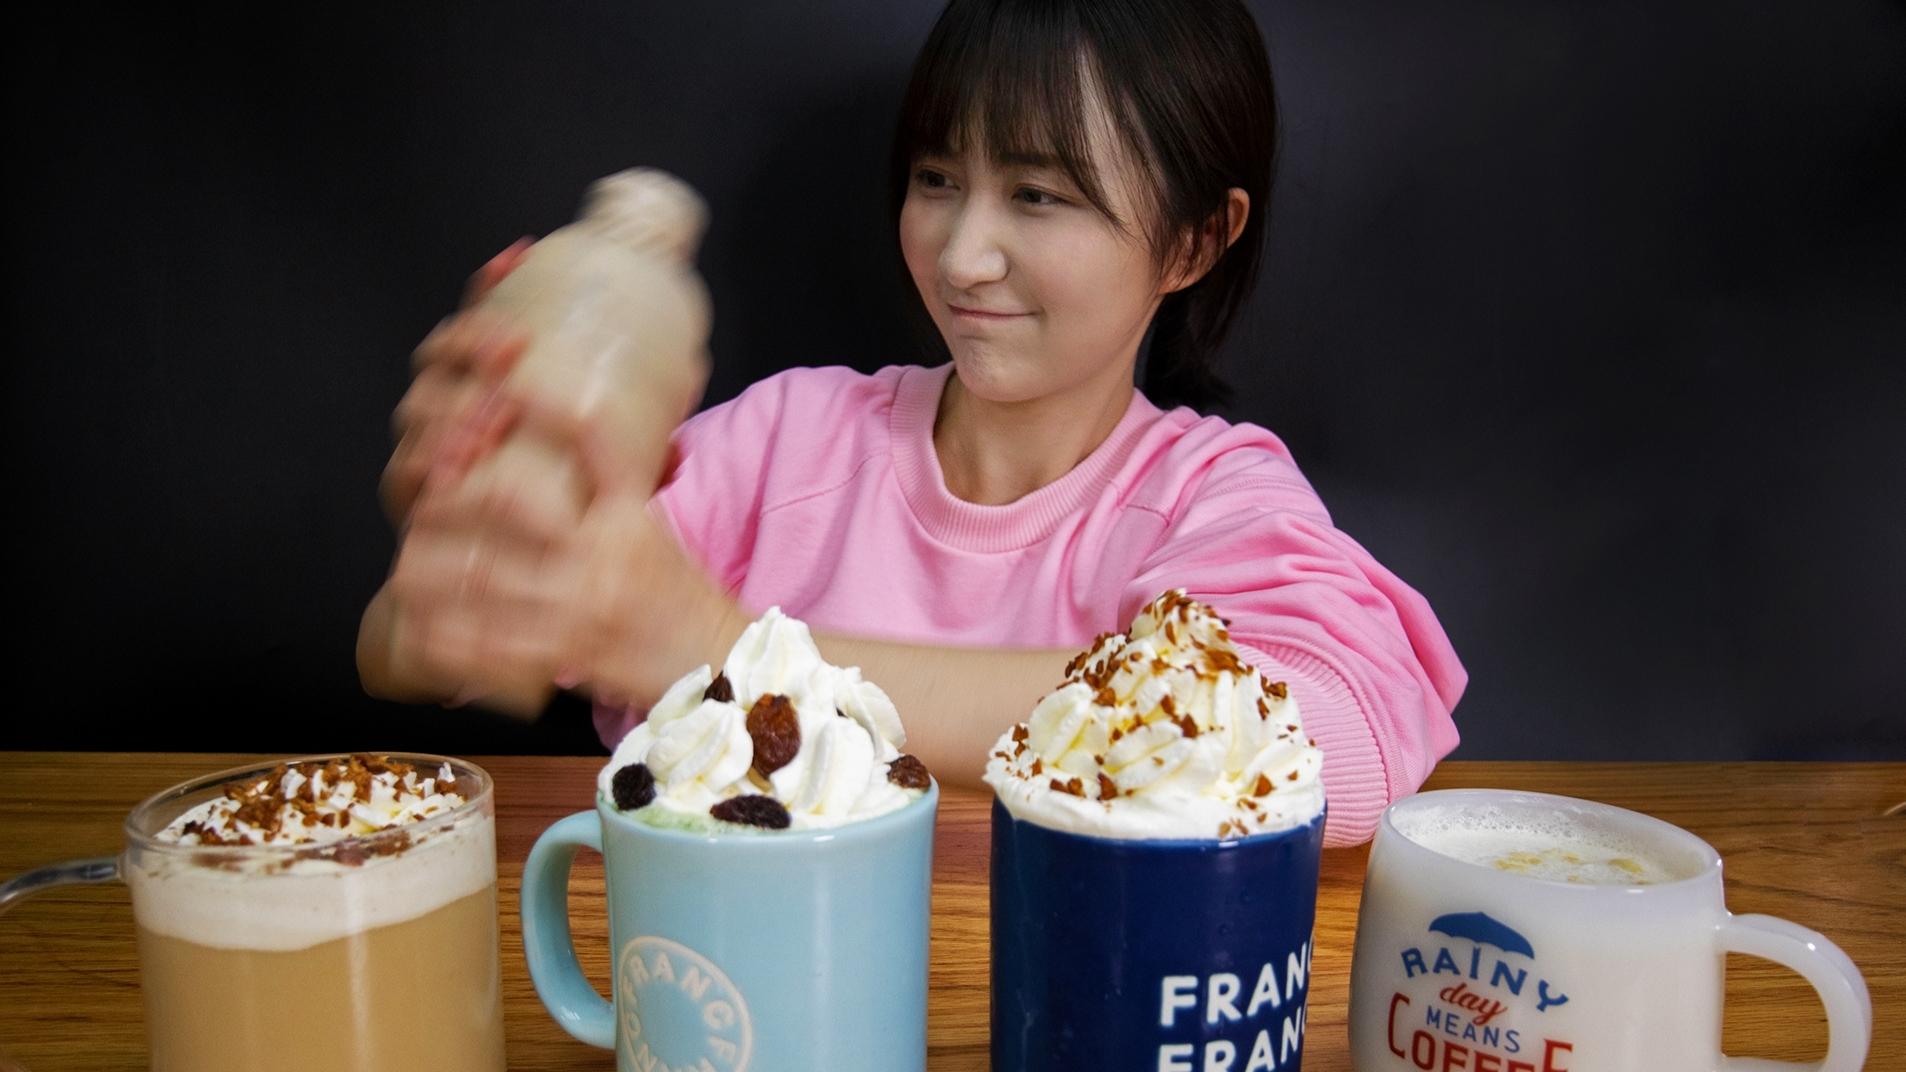 长沙妹子在家自制茶颜悦色,网上公布的奶茶配方是真的吗?